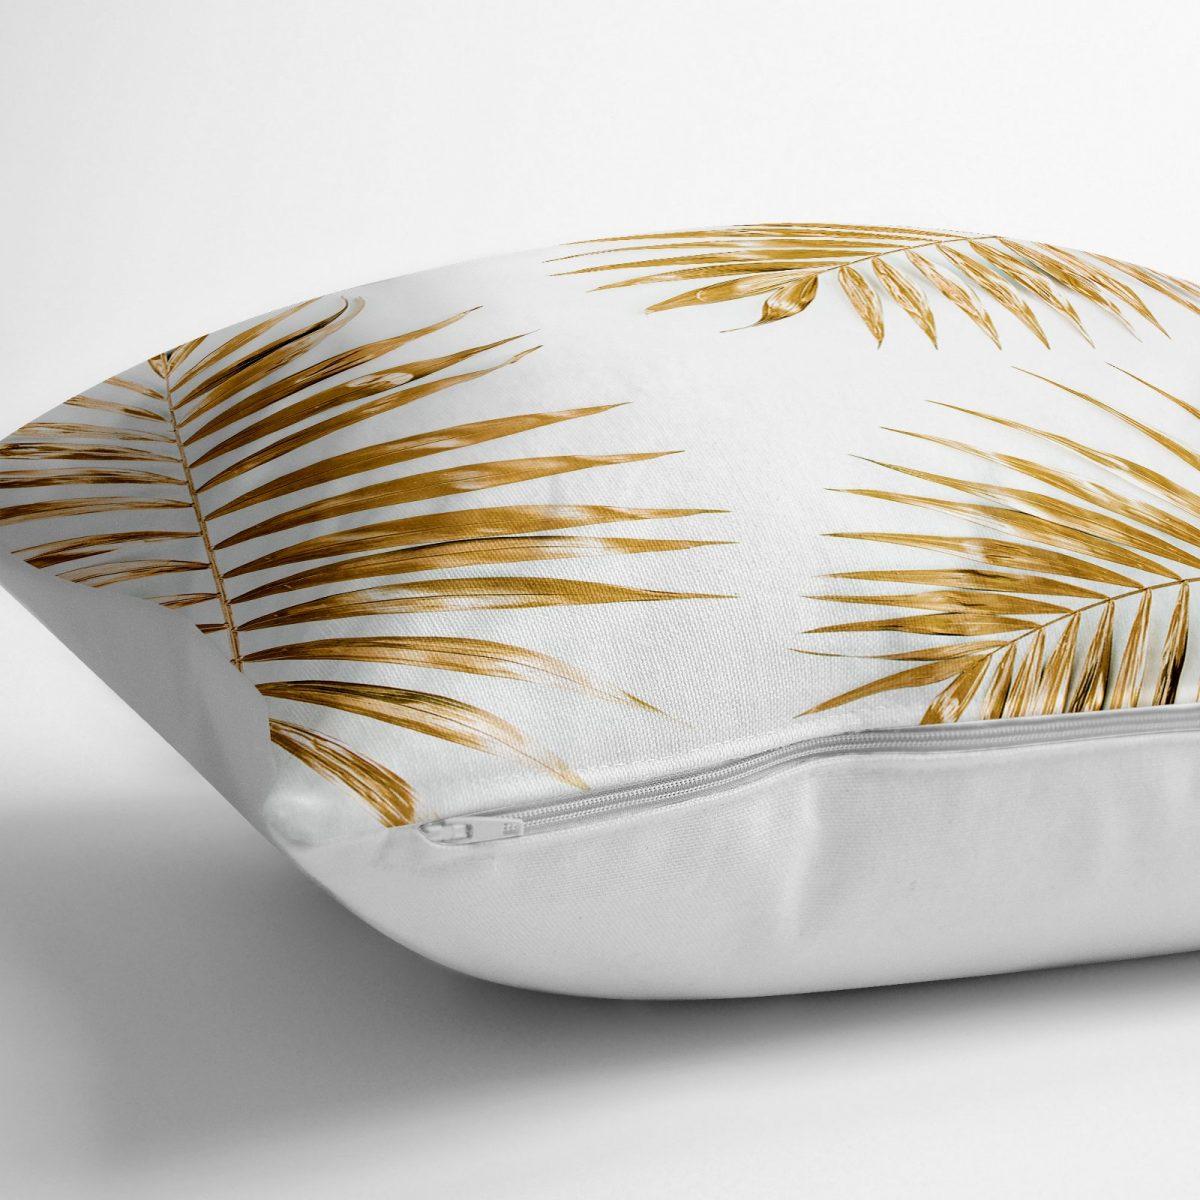 Altın Renkli Palmiye Yaprakları Dijital Baskılı Yer Minderi - 70 x 70 cm Realhomes